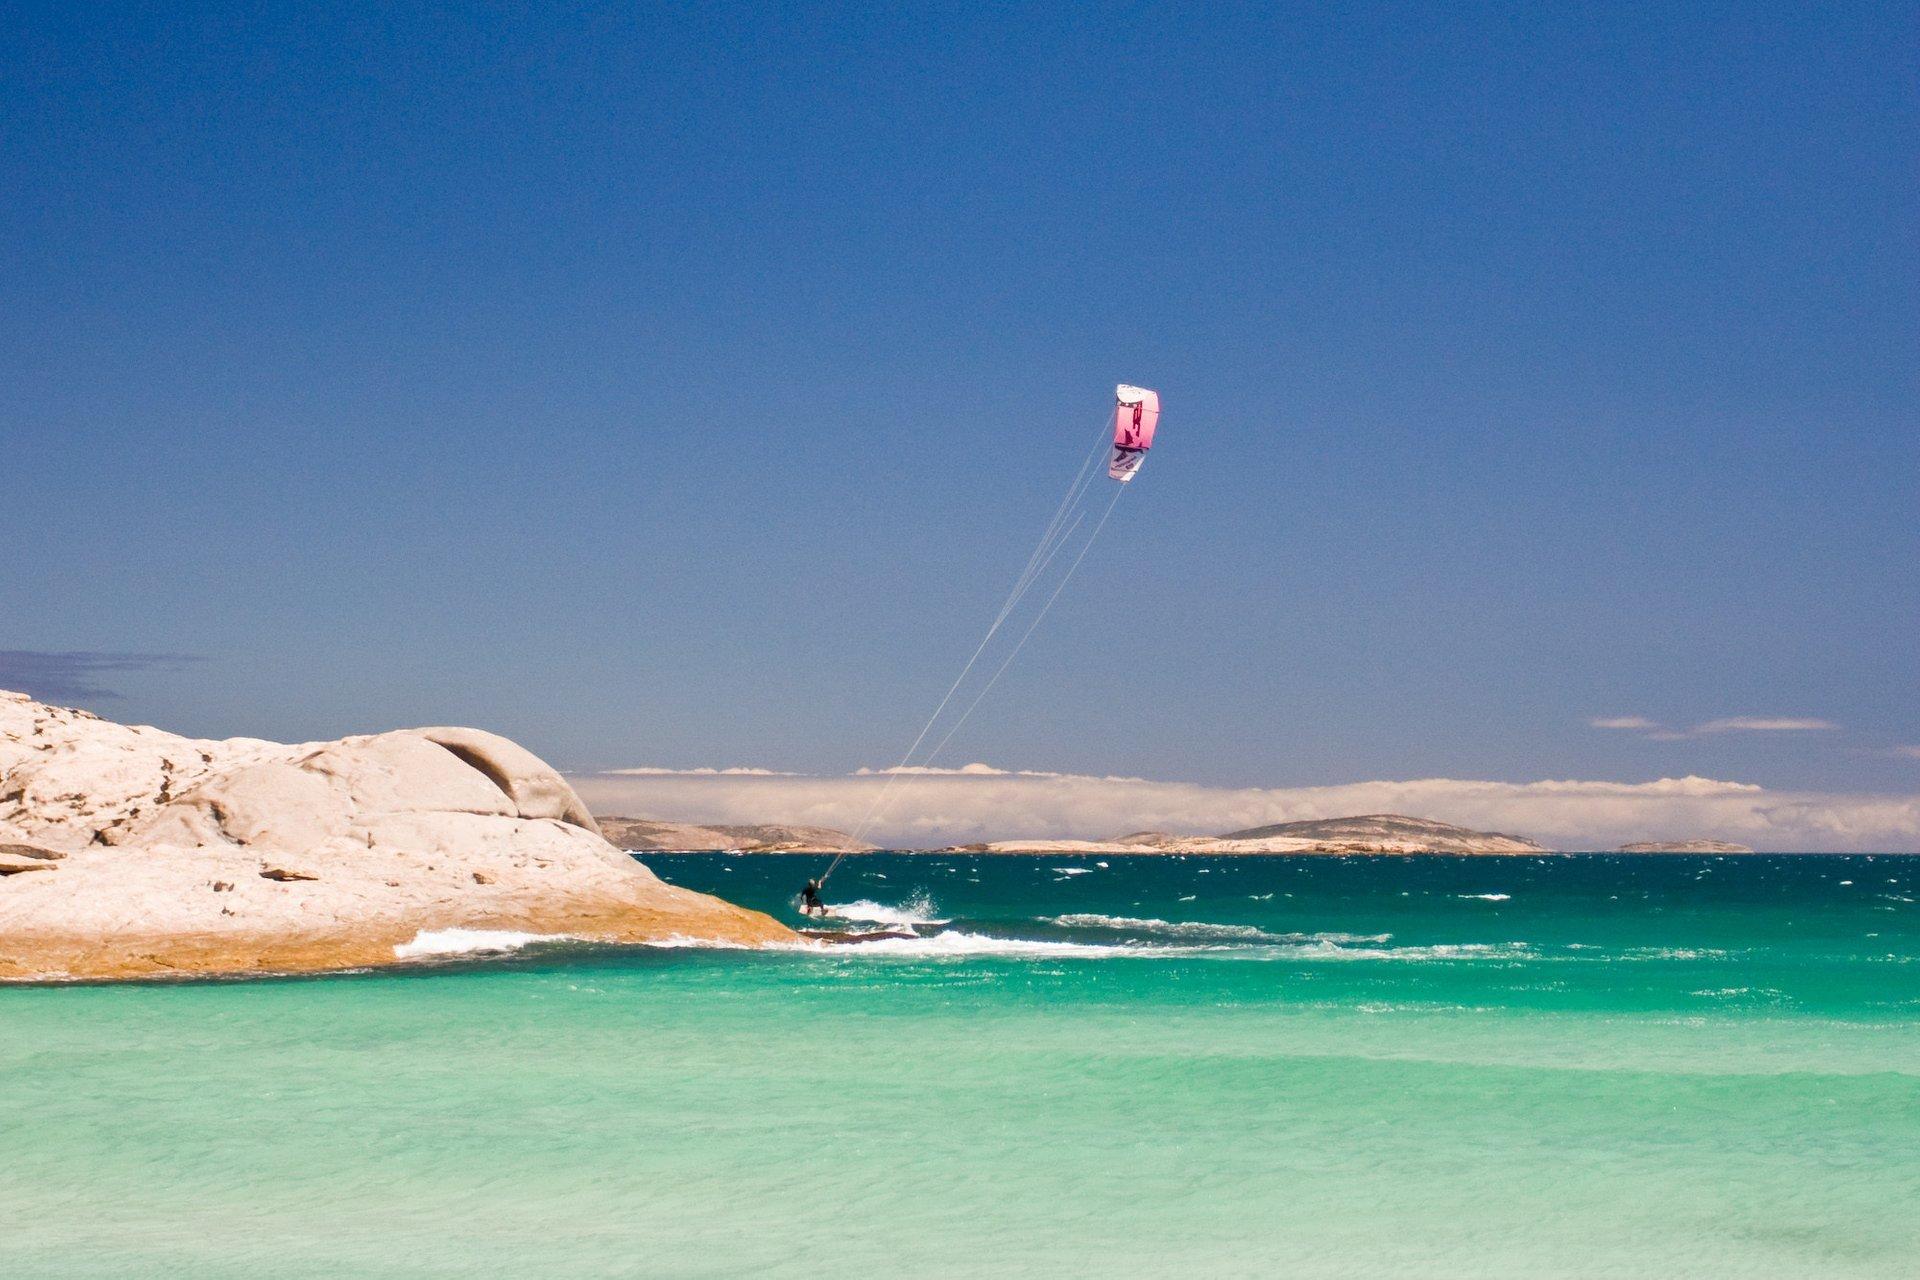 Kitesurfing and Windsurfing in Australia - Best Season 2020